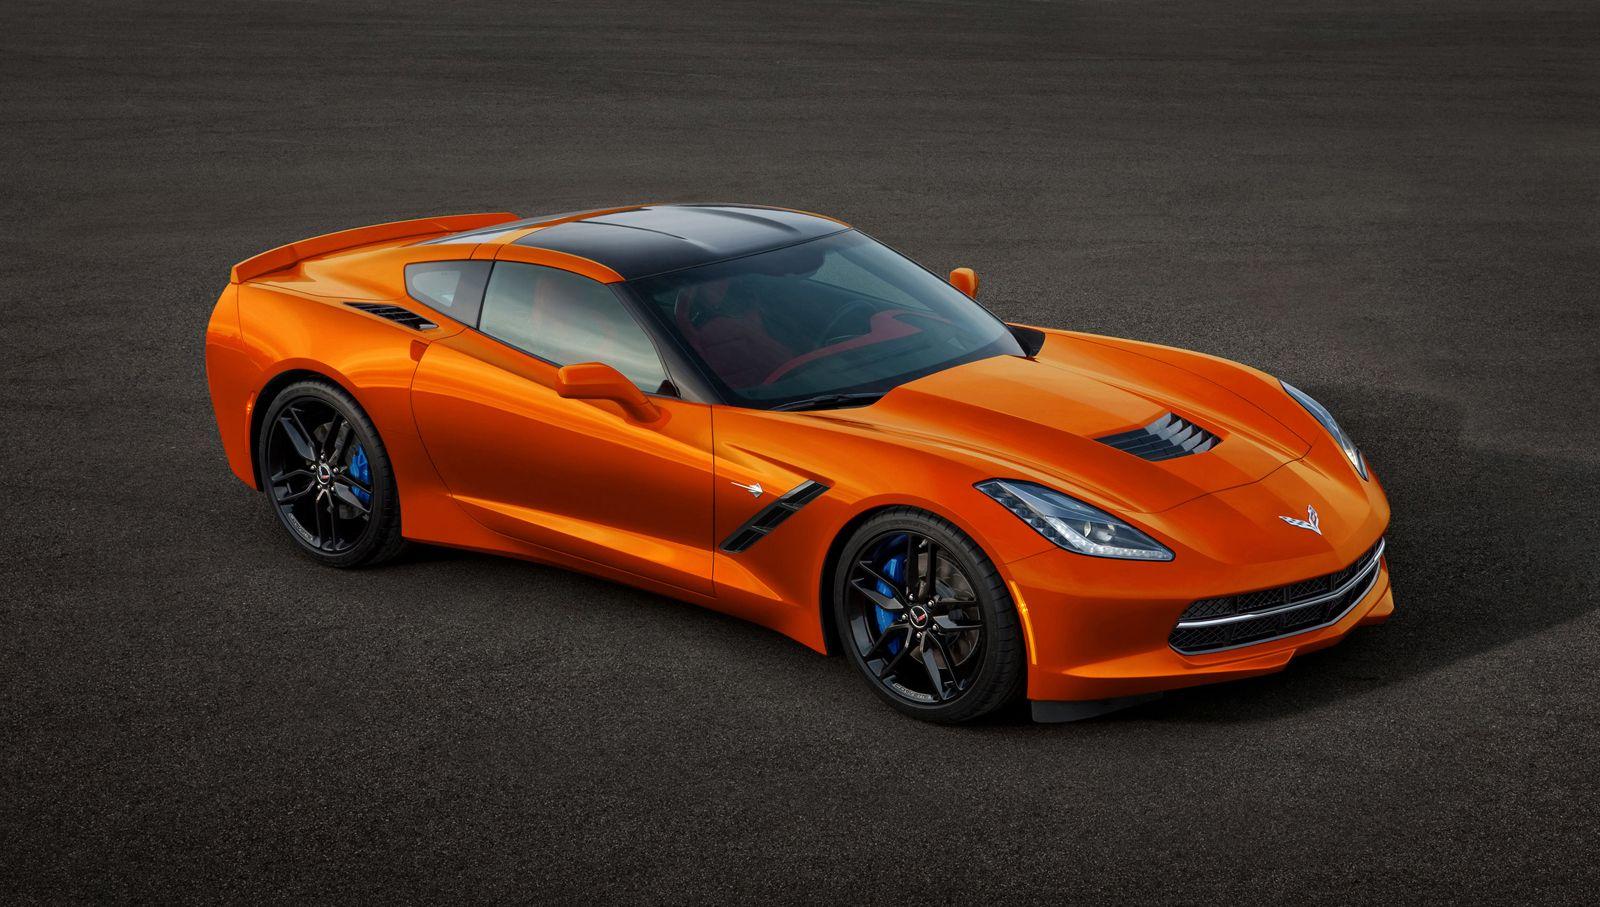 #2014 Chevrolet Corvette Stingray, #Merit Chevrolet